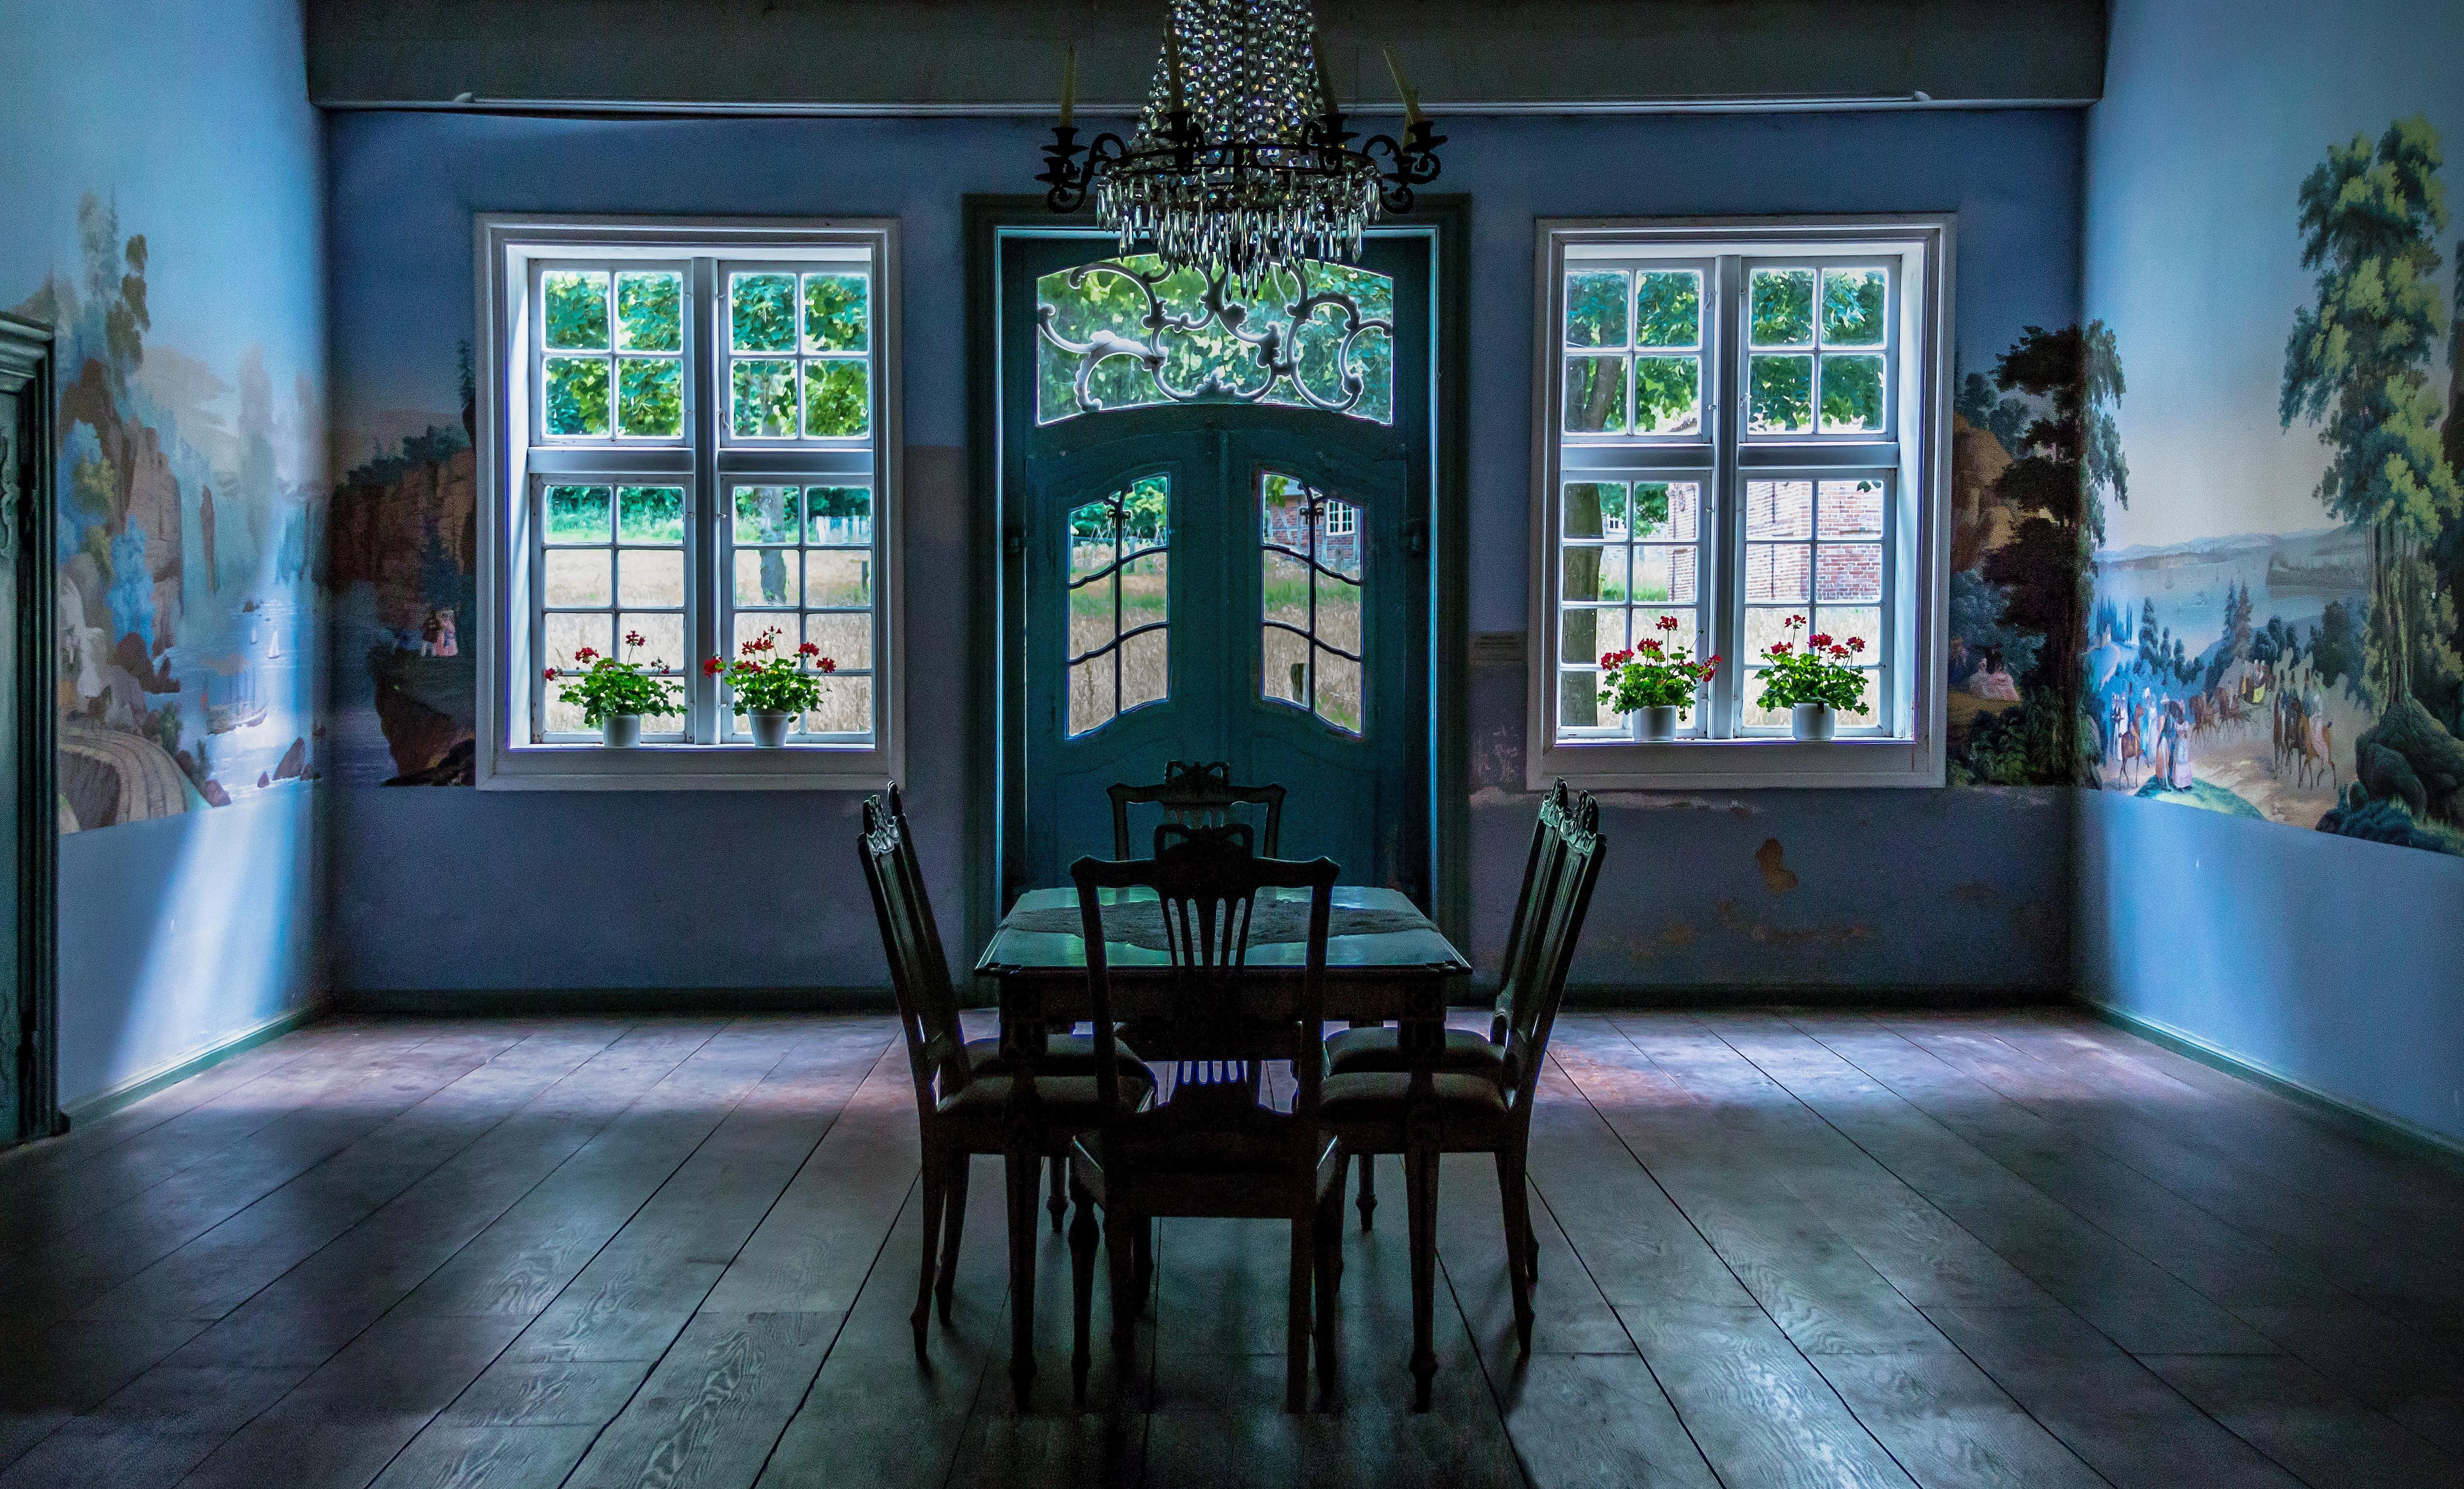 Die Architektur Villa Haus Fenster Gebäude Alt Atmosphäre Zuhause Platz  Eigentum Wohnzimmer Zerfallen Zimmer Altes Gebäude